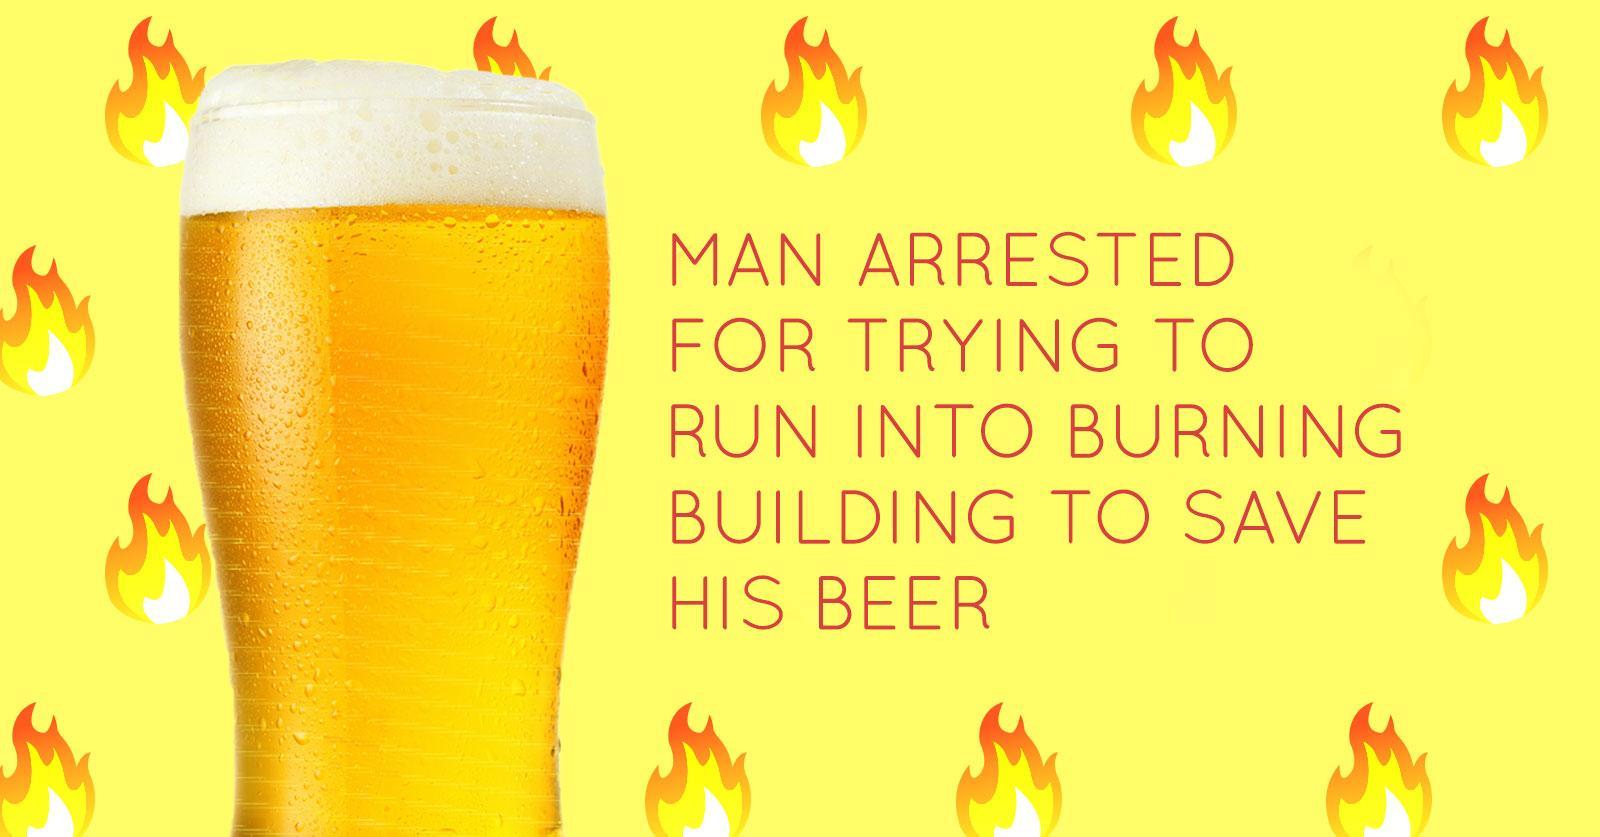 beerfire-1493556943122.jpg